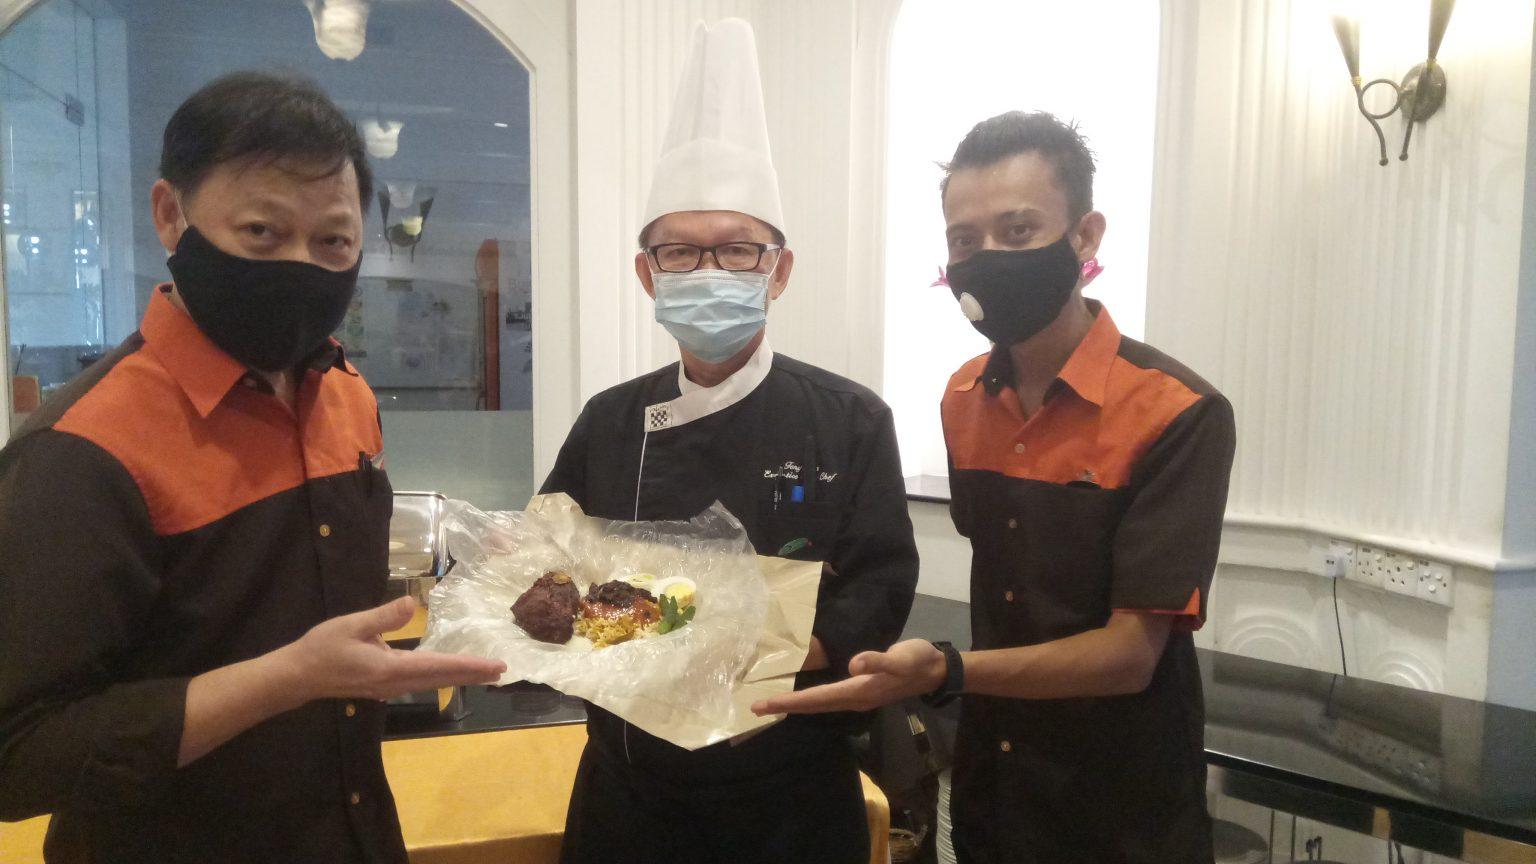 Chef Tony Tan and team with nasi bantal dish.